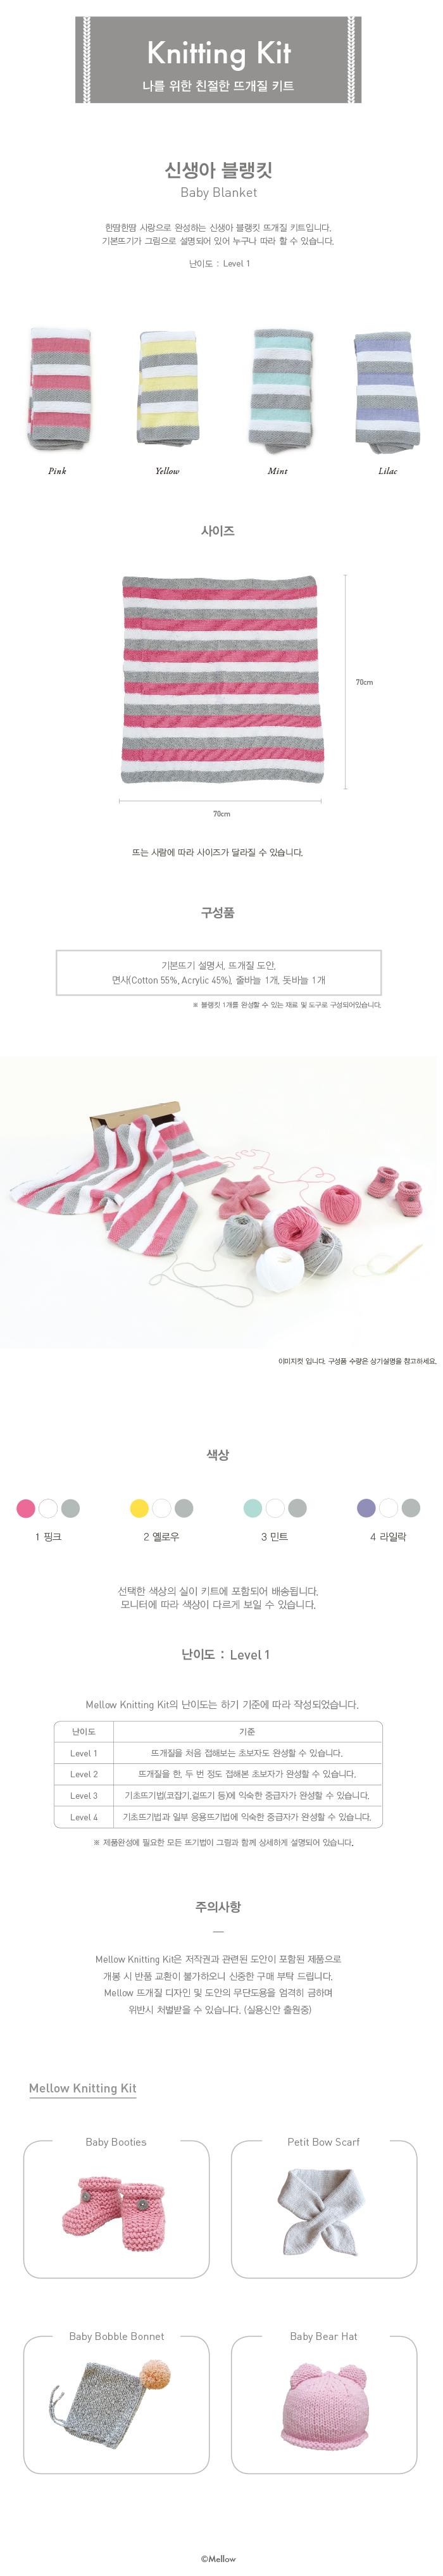 니팅 키트 - 신생아 블랭킷 - 멜로우, 59,000원, DIY아기용품, DIY아기용품